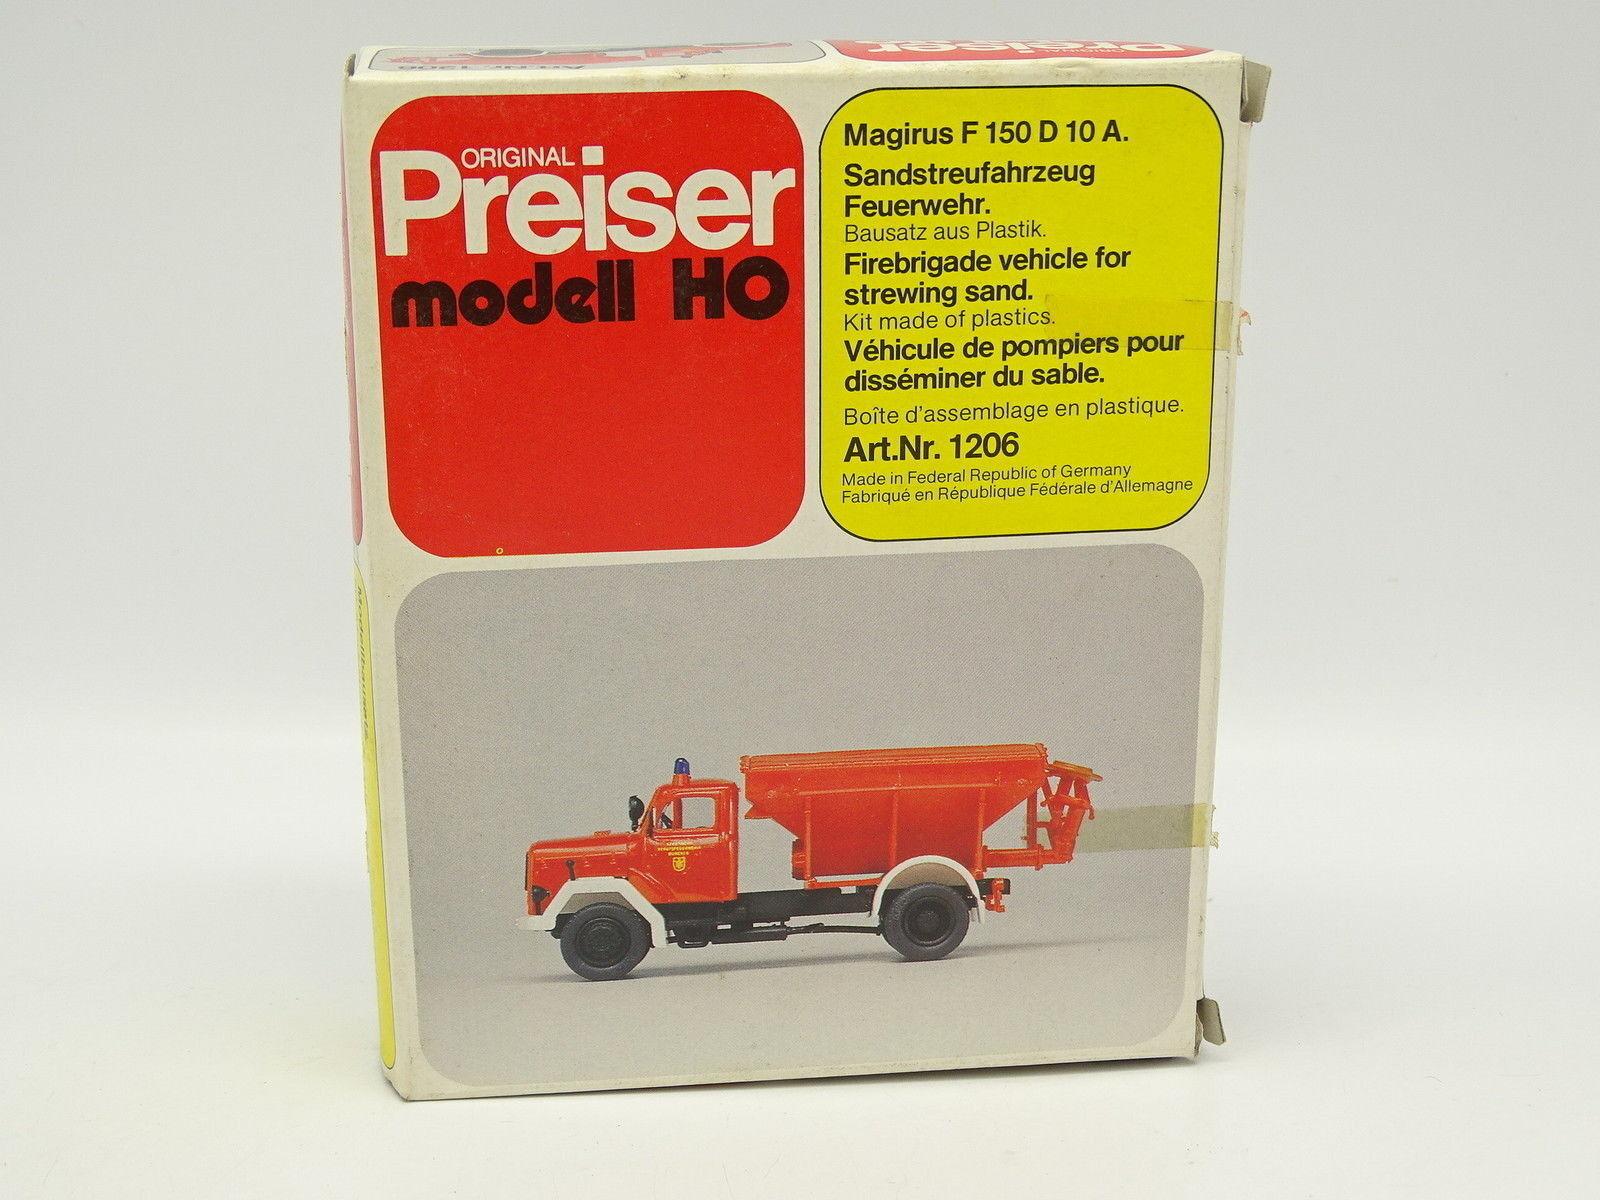 cómodo Preiser set set set para armar 1 87 ho-Magirus f150 d10a bomberos Blaster  Entrega gratuita y rápida disponible.